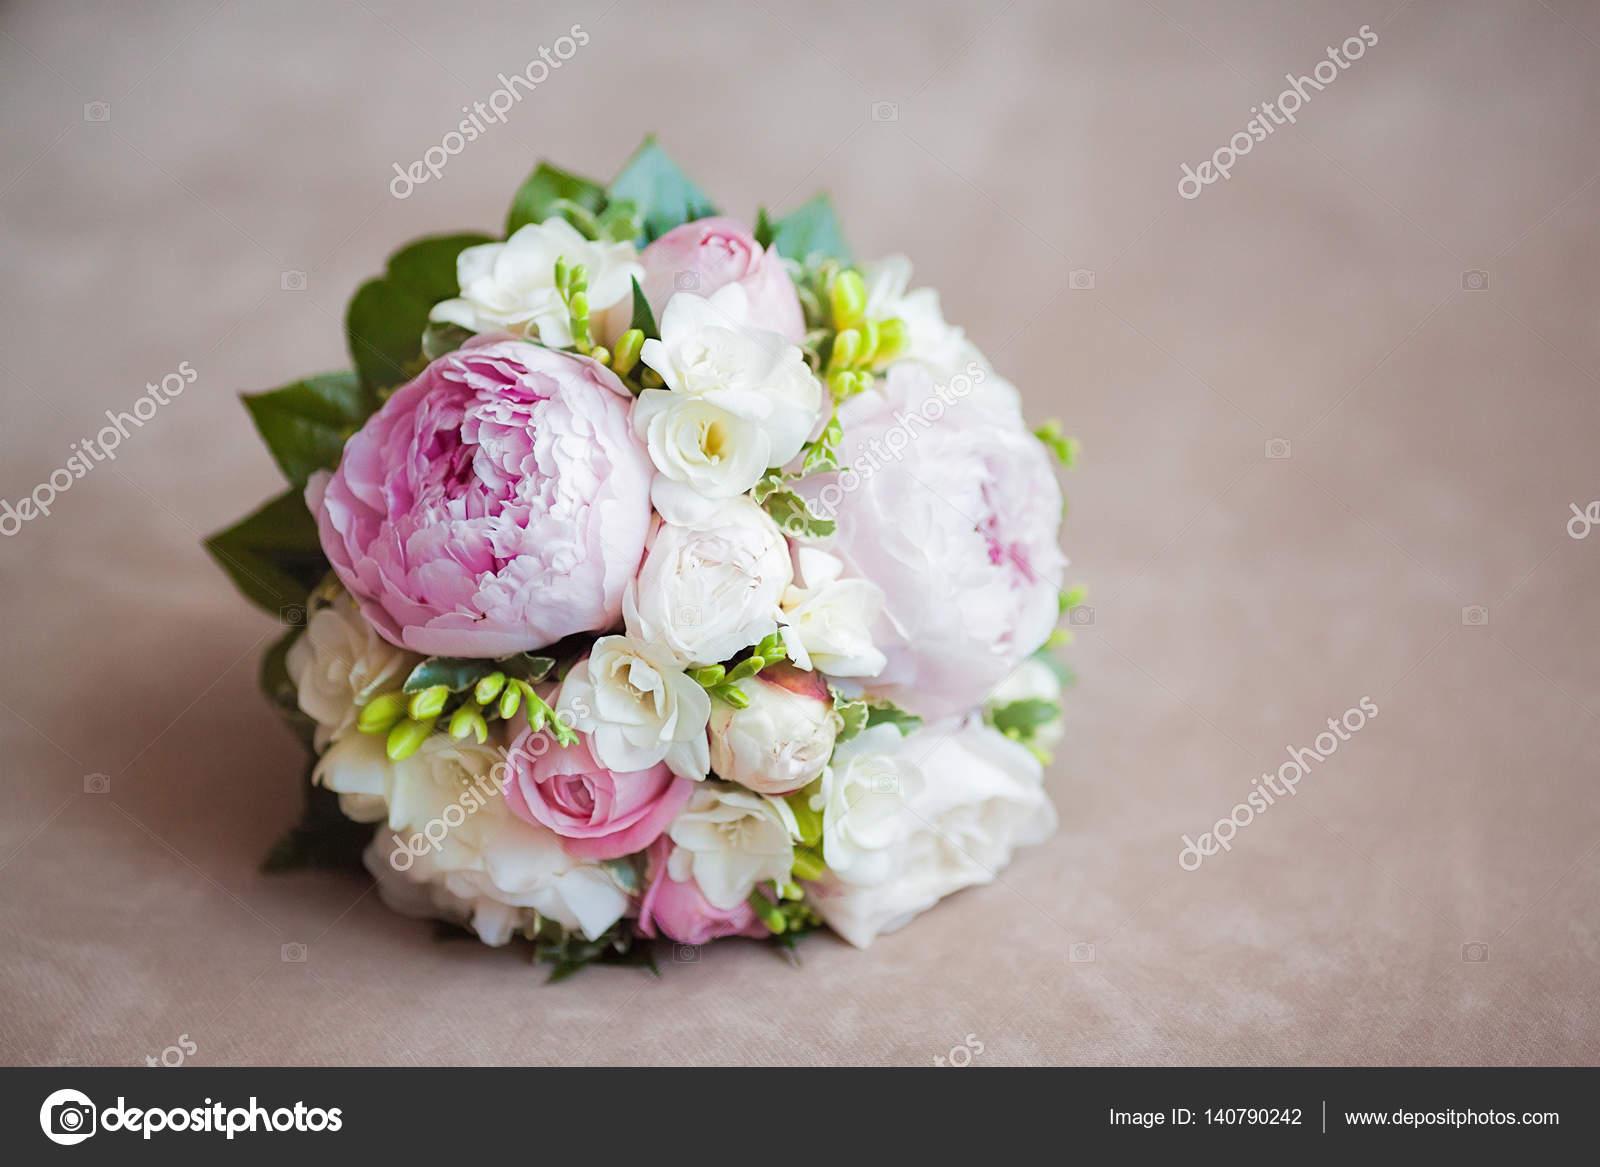 Schone Hochzeit Strauss Hautnah Stockfoto C Hdtexx Yandex Ru 140790242